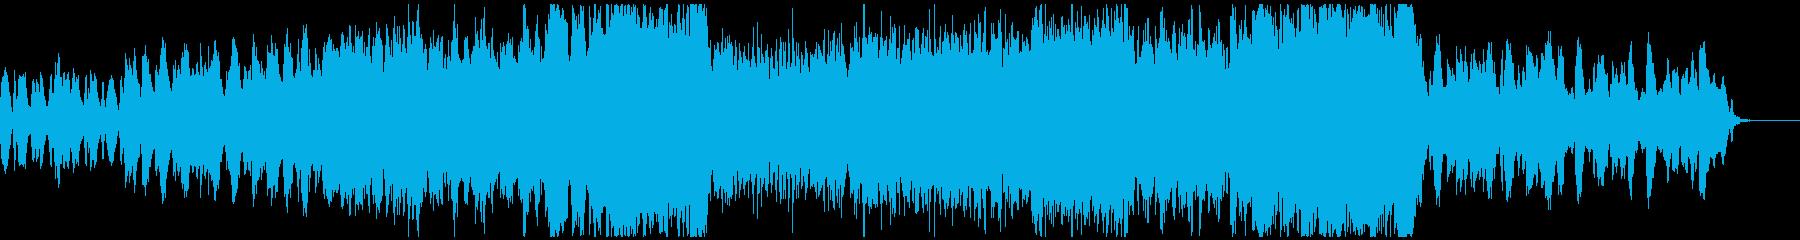 挑戦的なオーケストラの再生済みの波形